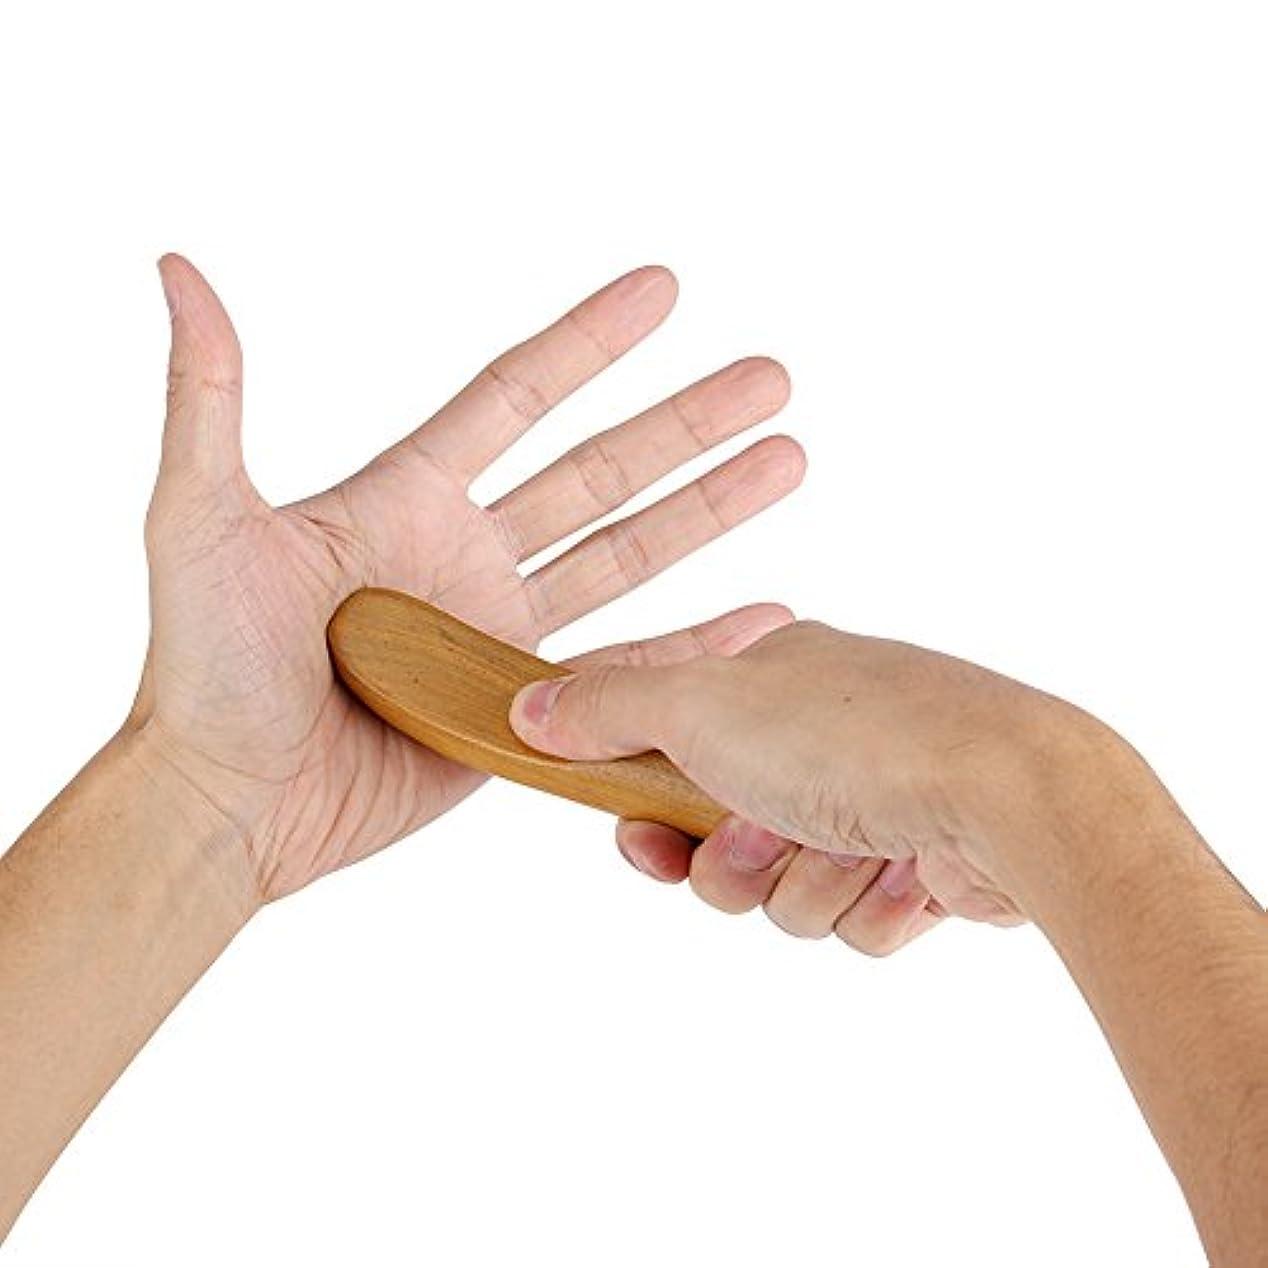 アシスト優れました排除する香りのよい木指圧ポイント子午線掻き寄せスティックミニフィンガーバックボディマッサージャー